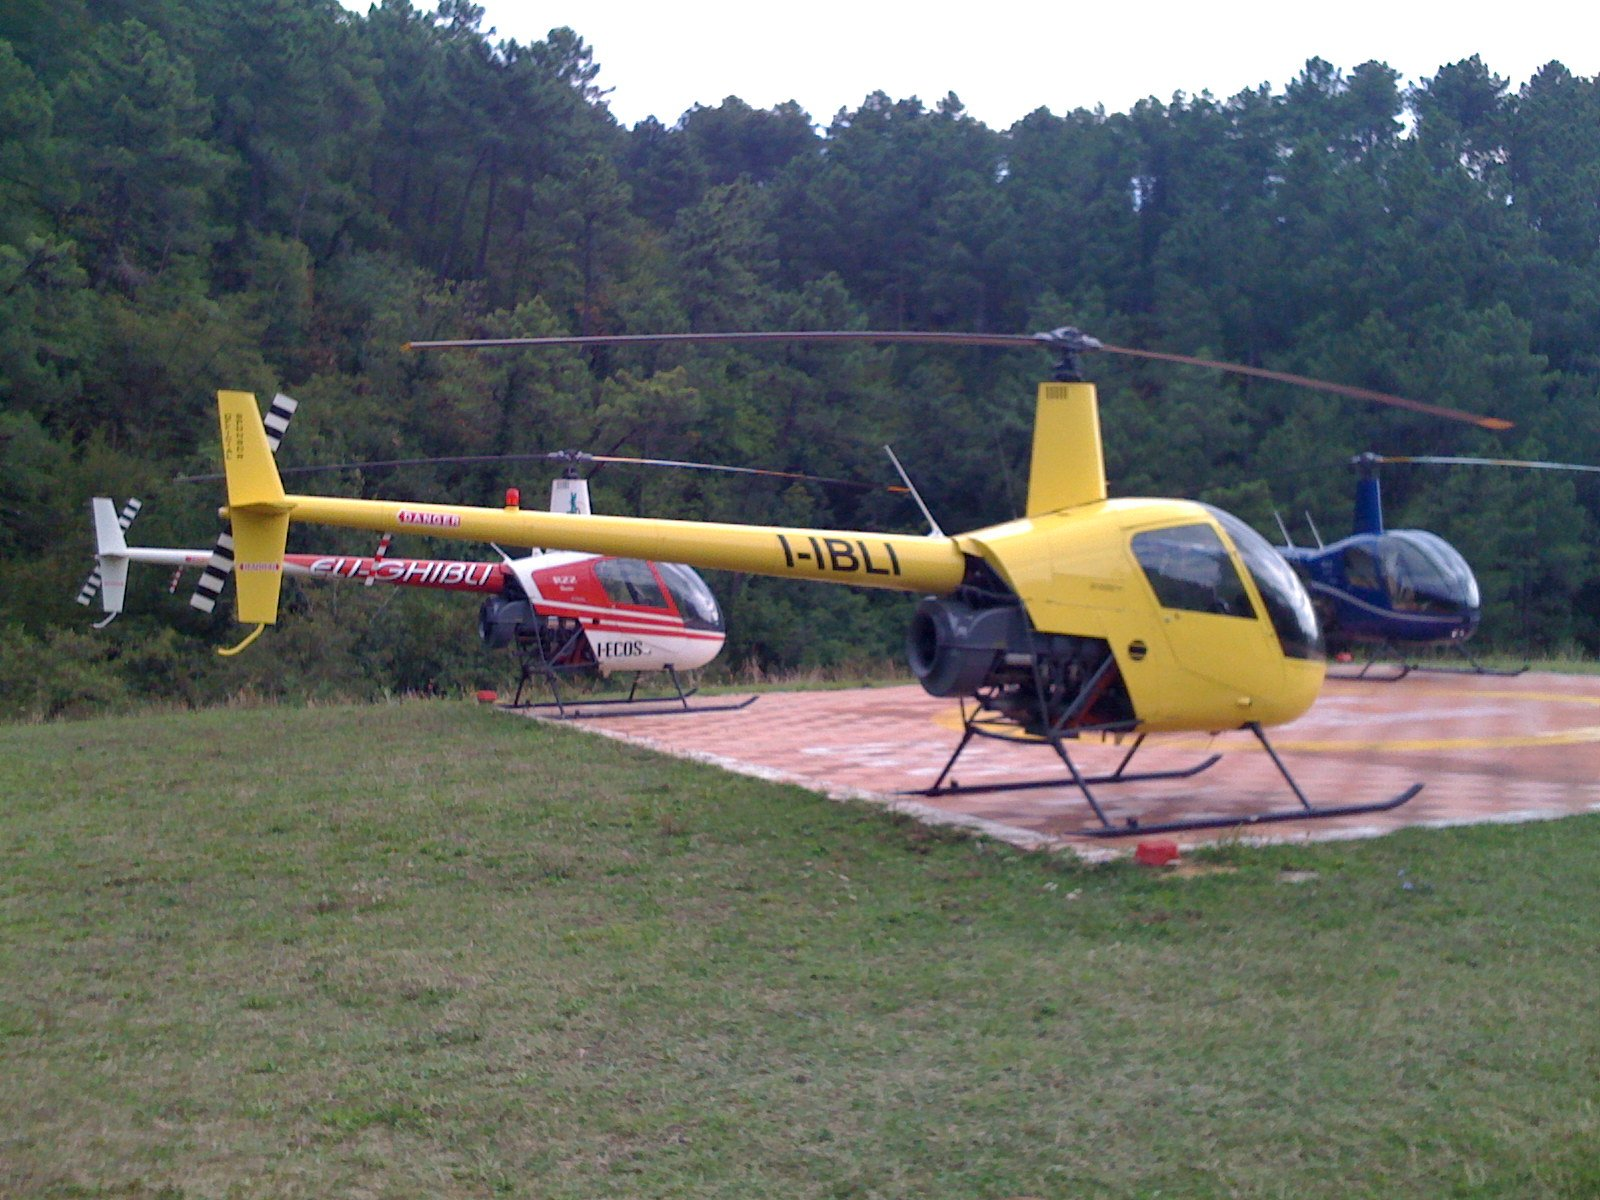 ELI-GHIBLI Helicopter